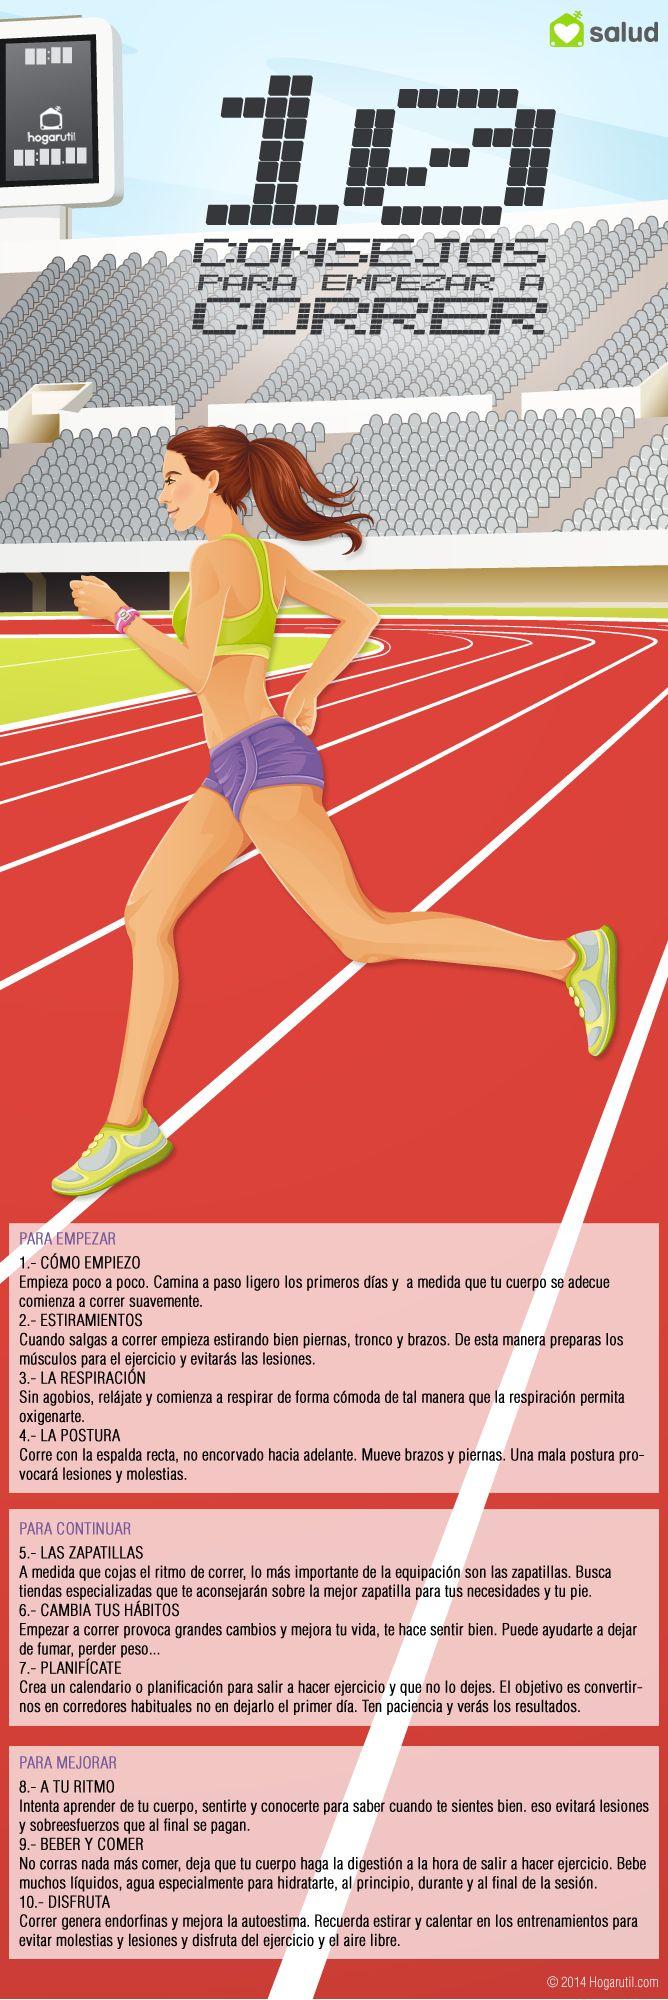 Infografía con los 10 consejos para empezar a correr #infografia #running #correr 10 sencillos consejos para empezar a practicar el running, cómo empezar a correr, cómo estirar, qué comer... planifícate y empieza a practicar este deporte sano y natural.